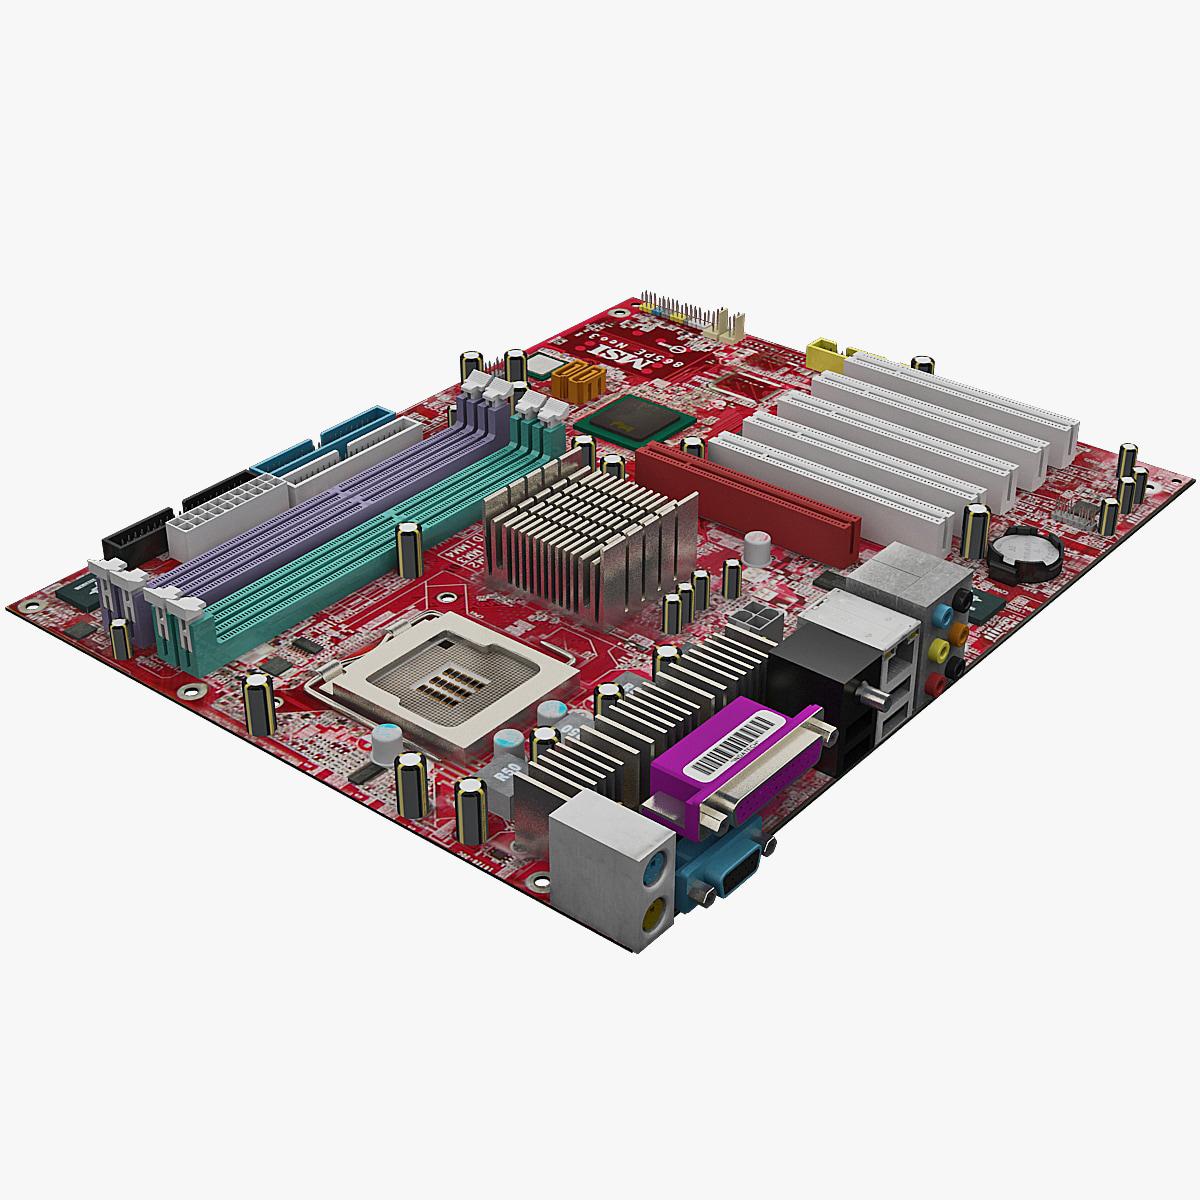 Motherboard_MSI_865PE_Neo3_000.jpg